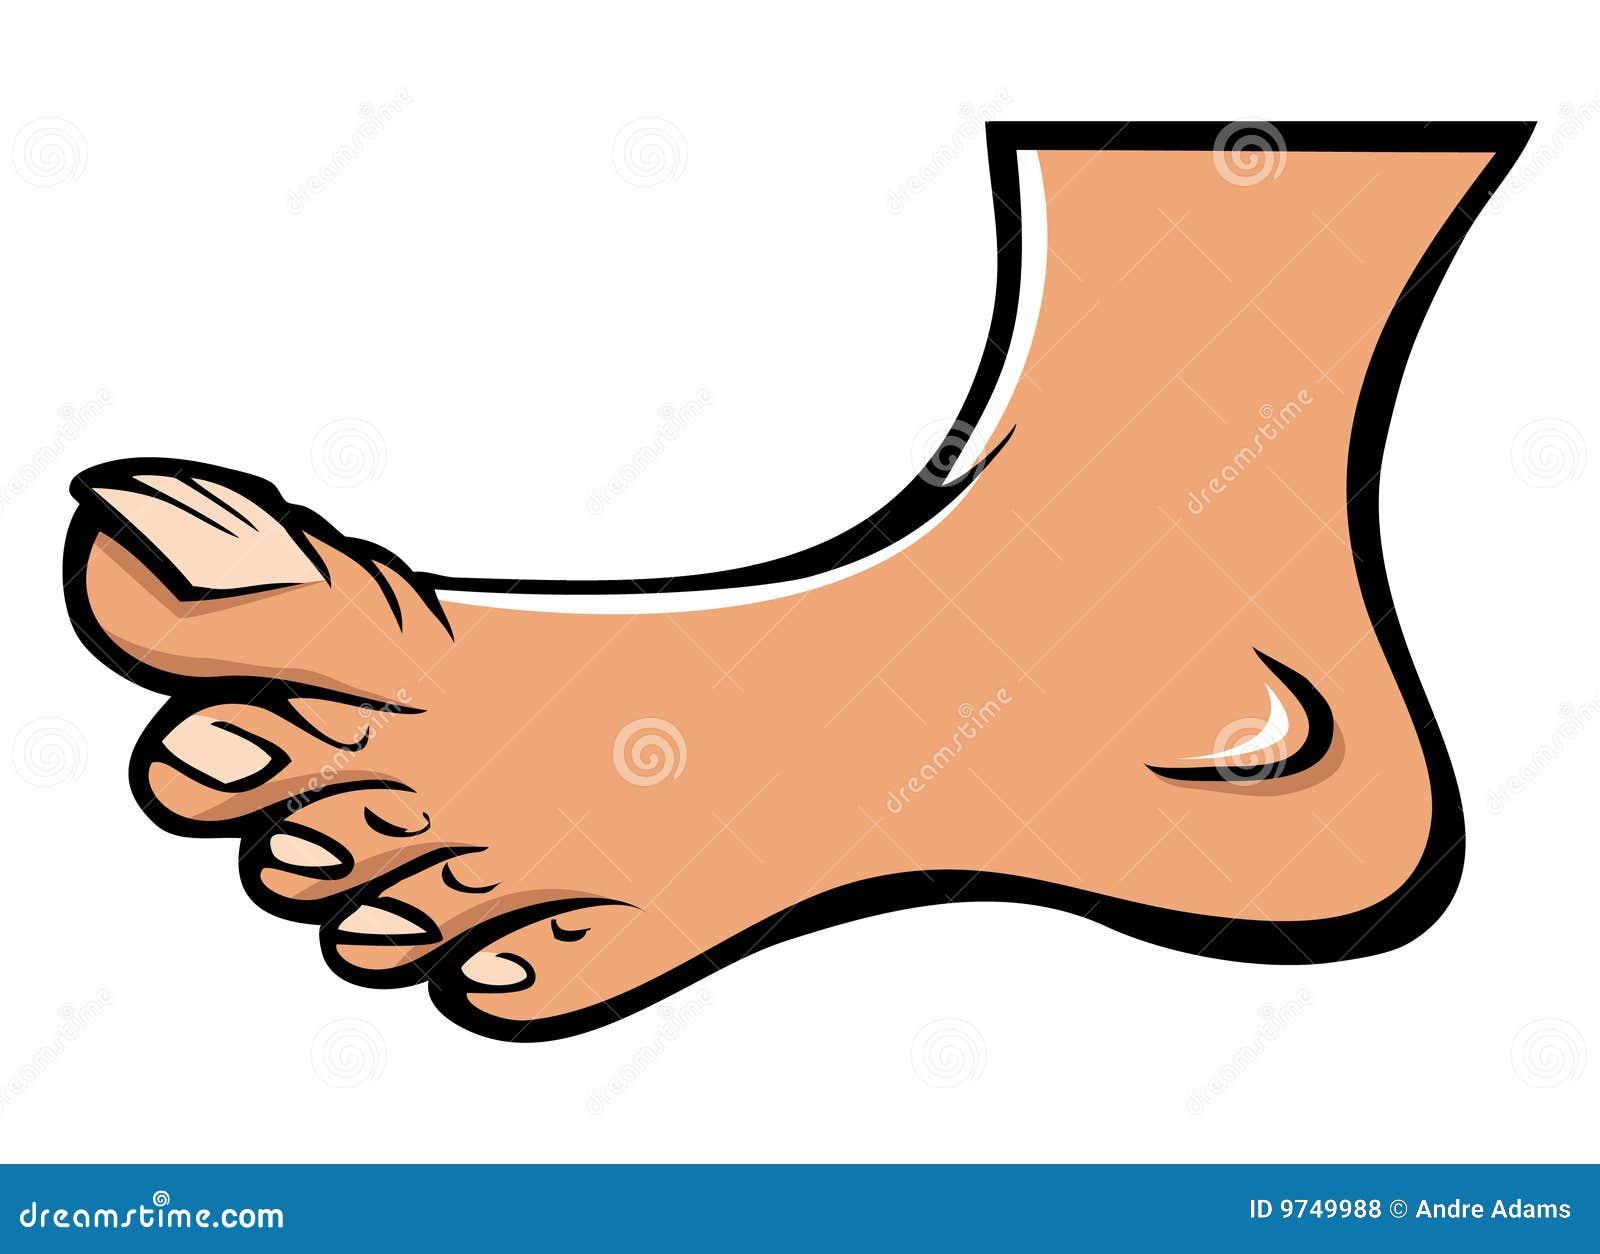 Human Foot Stock Vector Illustration Of Toenails Science